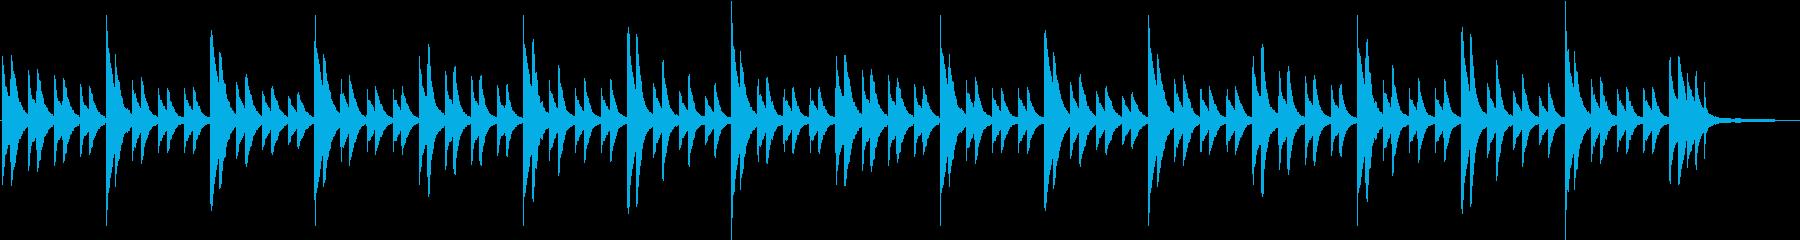 ピアノの困惑したようなテイストの曲の再生済みの波形